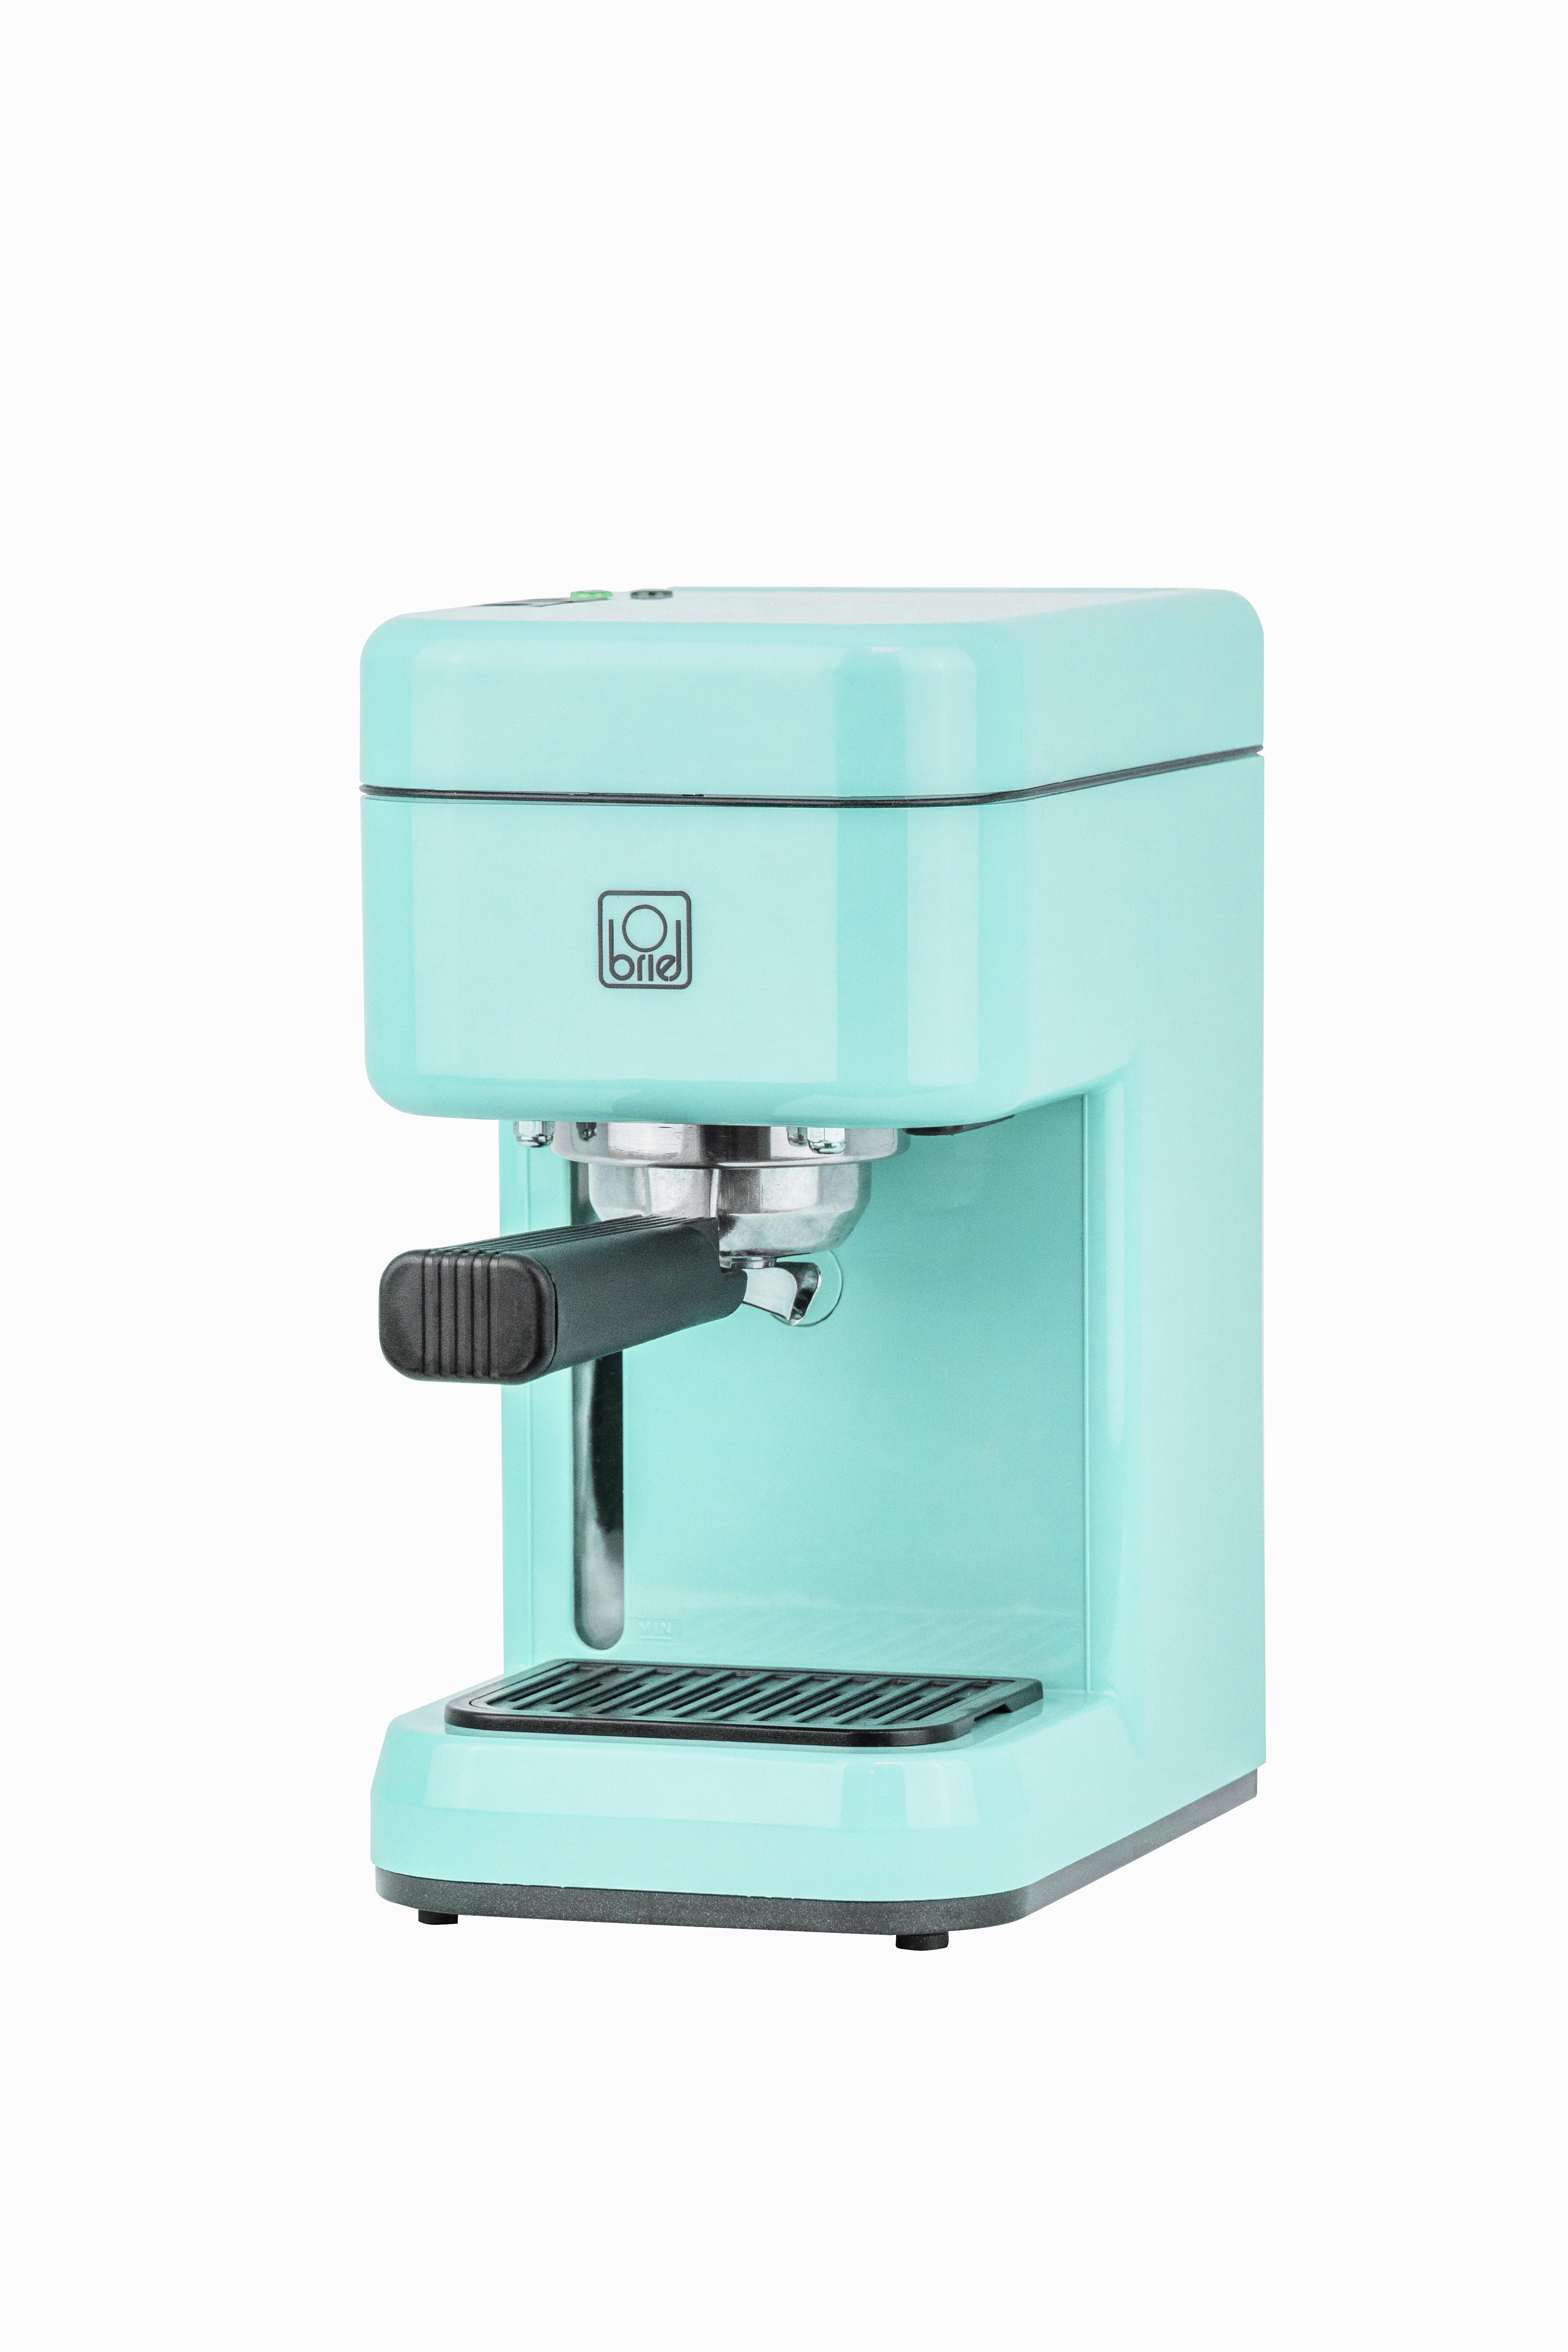 BRIEL B14 MANUAL ESPRESSO MACHINE - BLUE